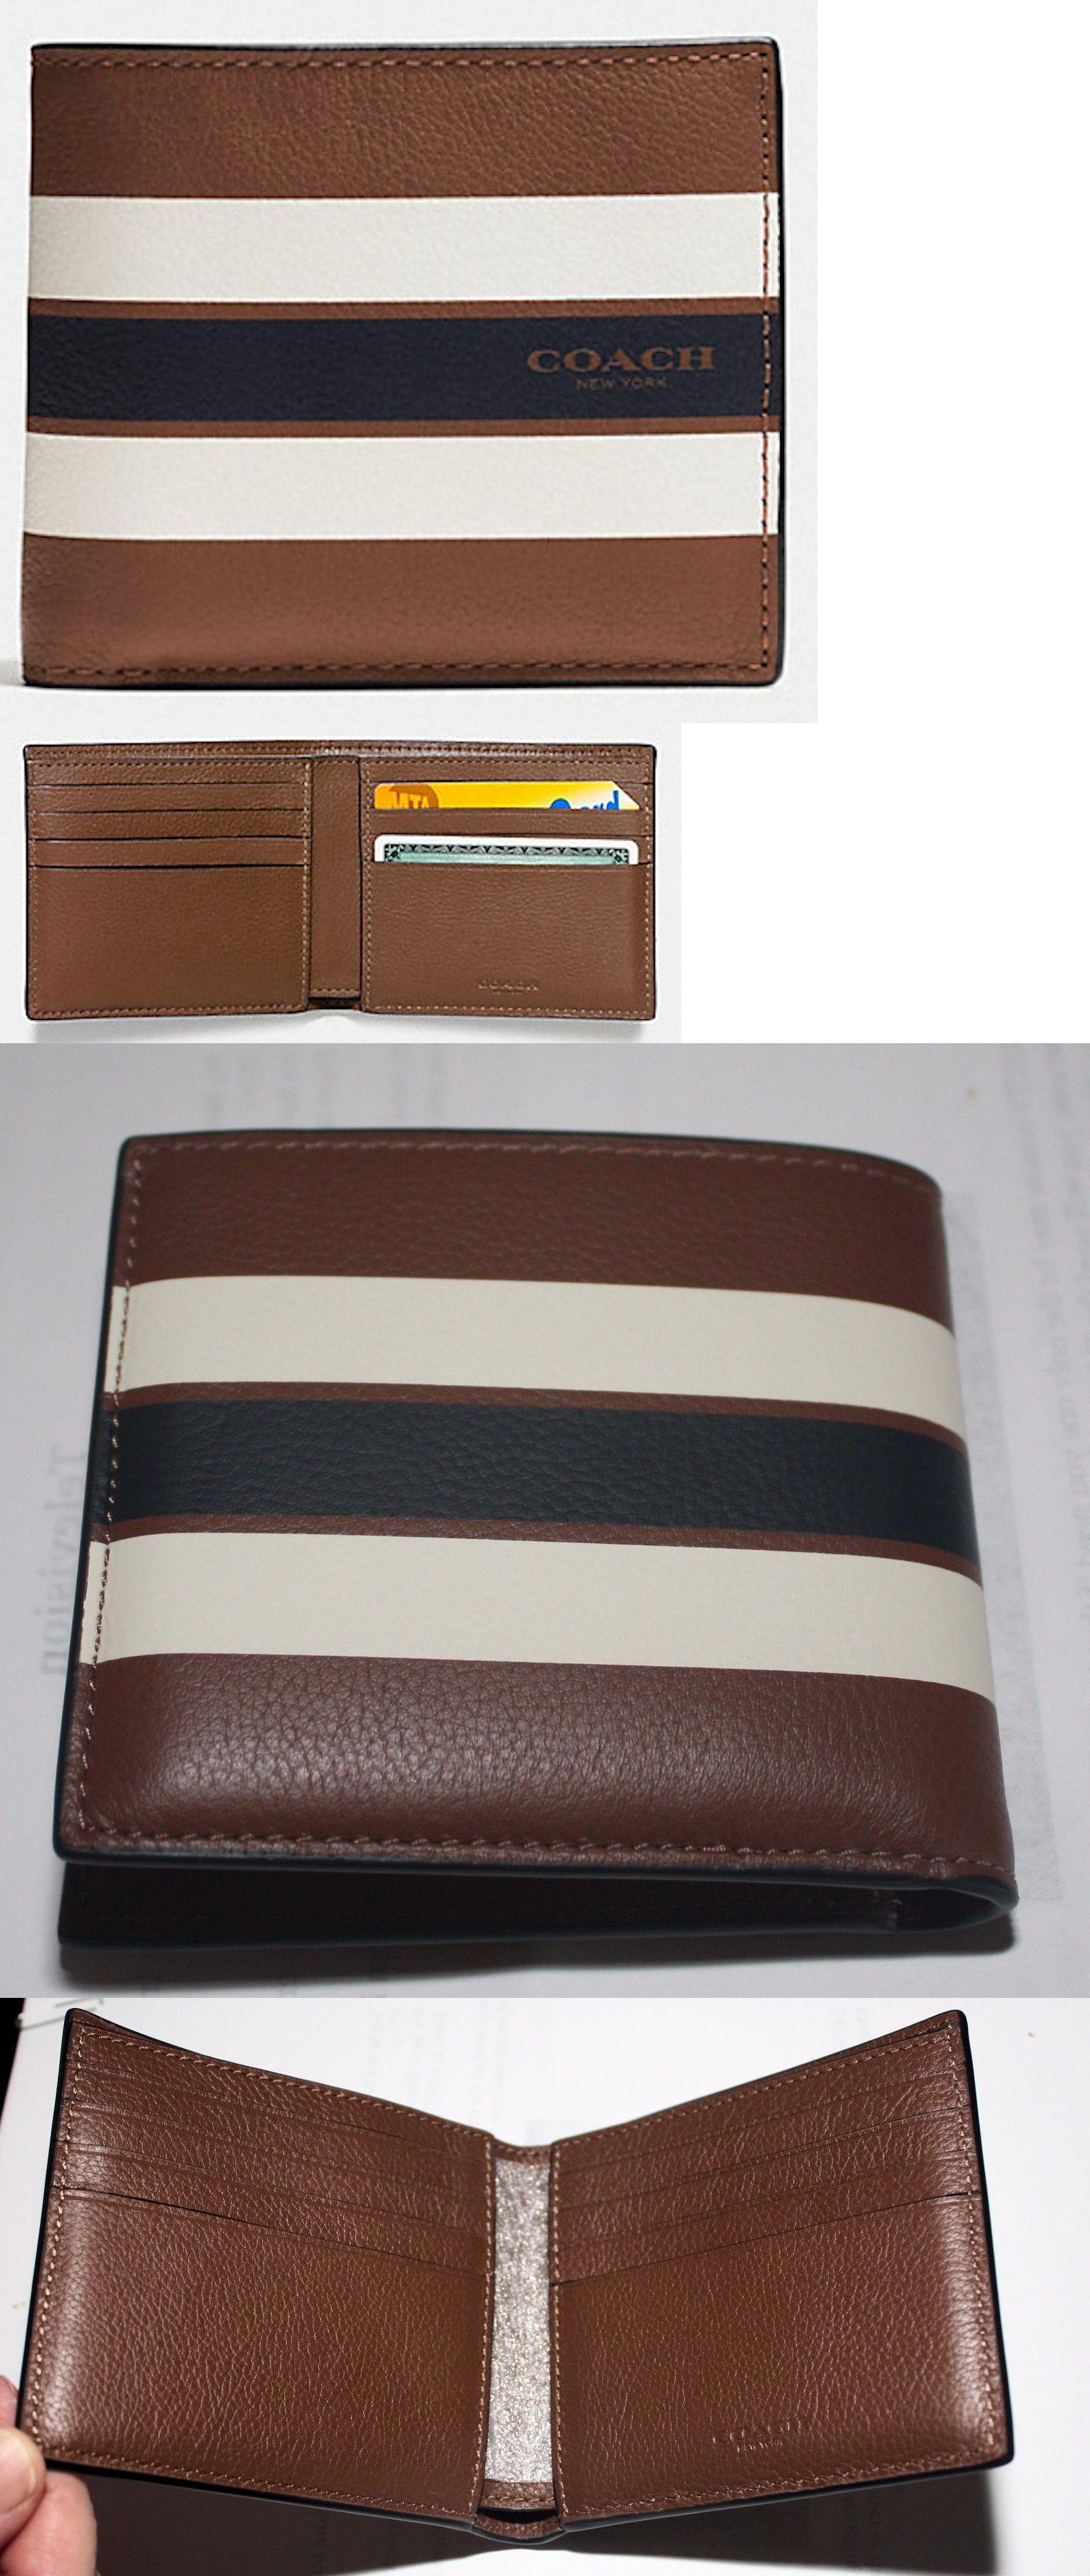 bfcb0272 Wallets 2996: Coach Men S Double Billfold Wallet-Varsity Leather ...